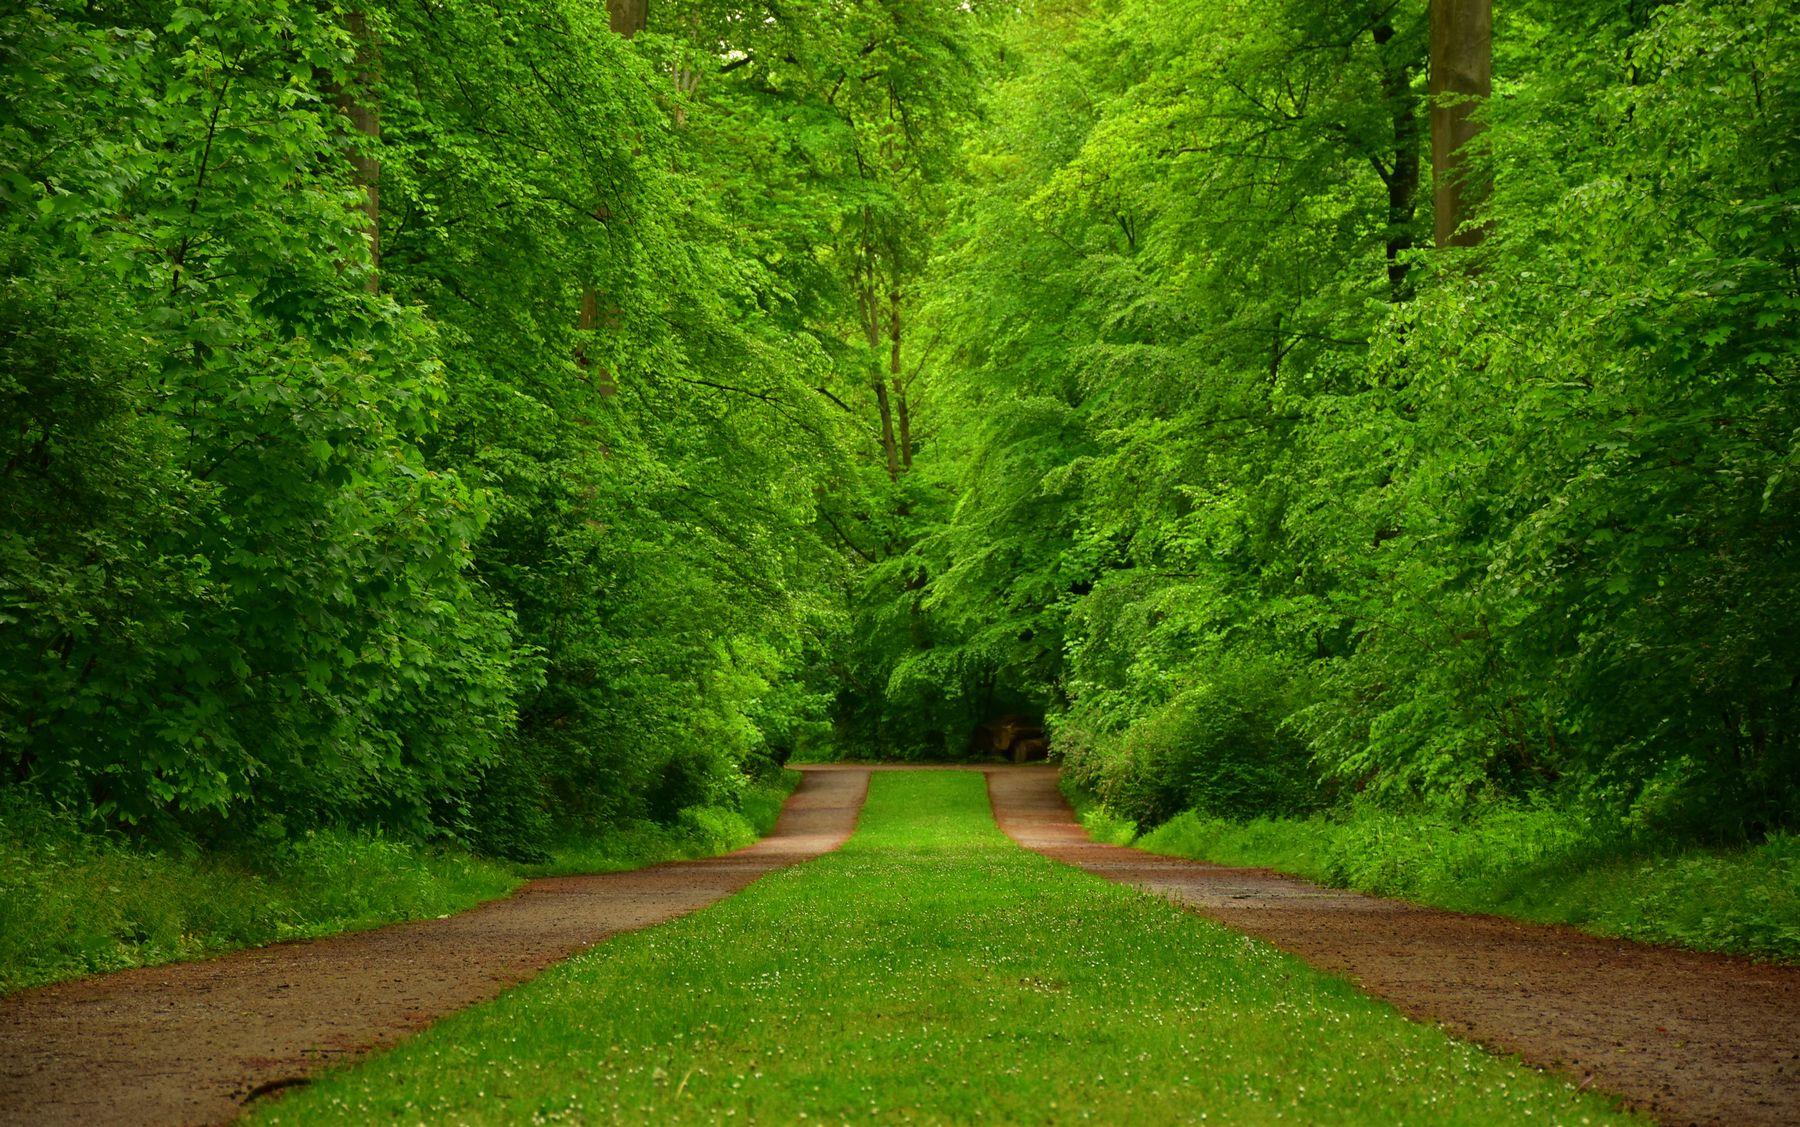 Зеленый шум! весна лес зелень листва дорожки